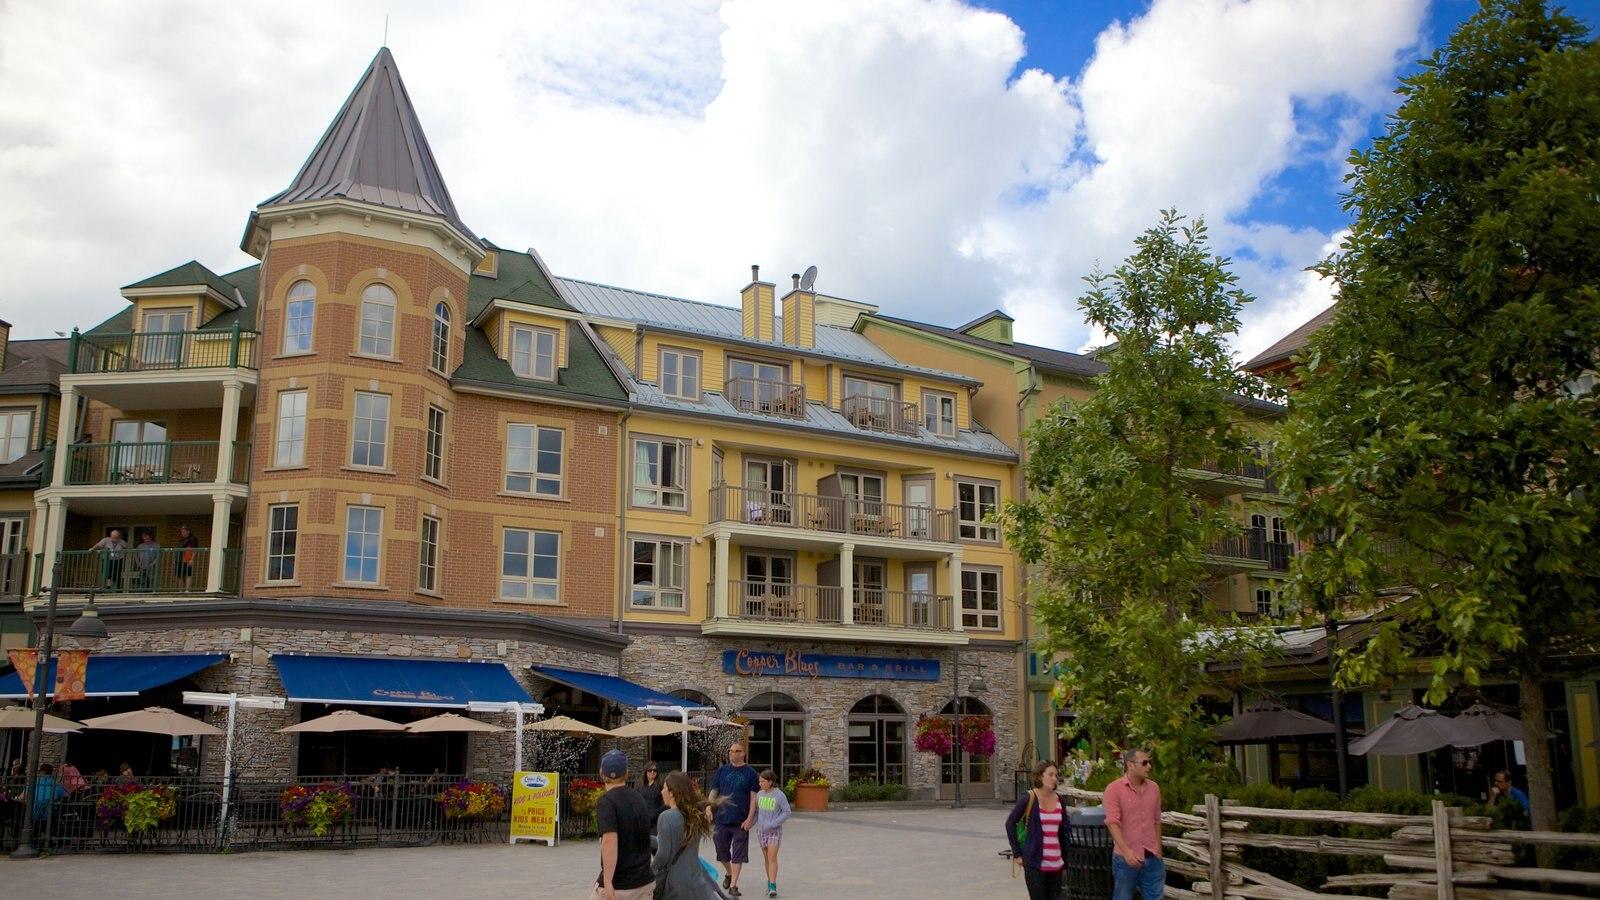 Blue Mountains caracterizando arquitetura de patrimônio e cenas de rua